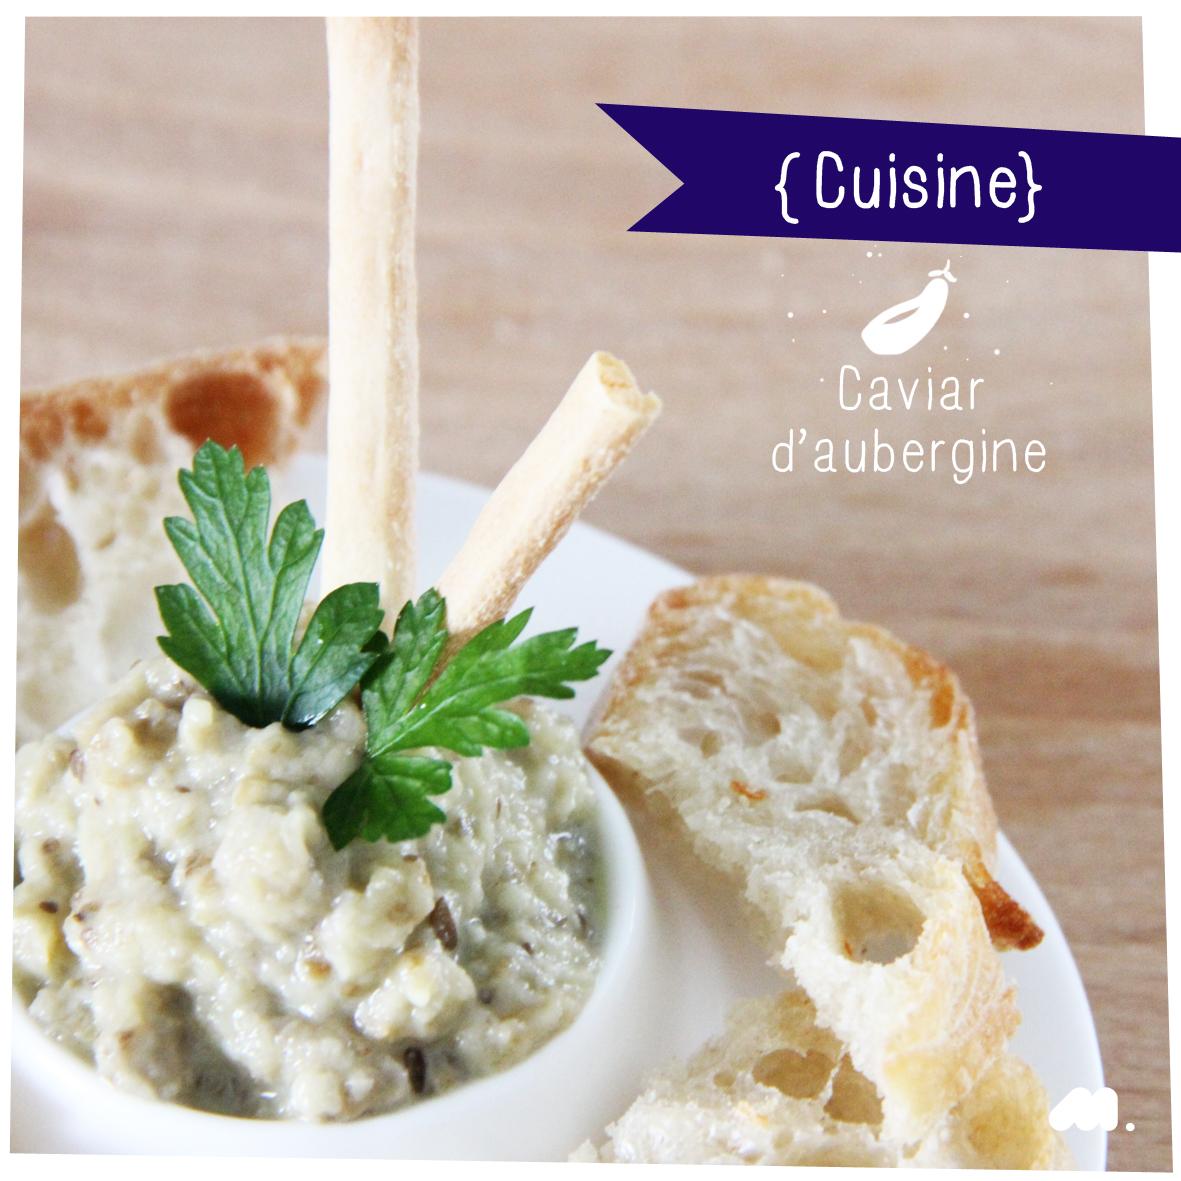 Minigougue cuisine le caviar d 39 aubergine for Aubergine cuisine